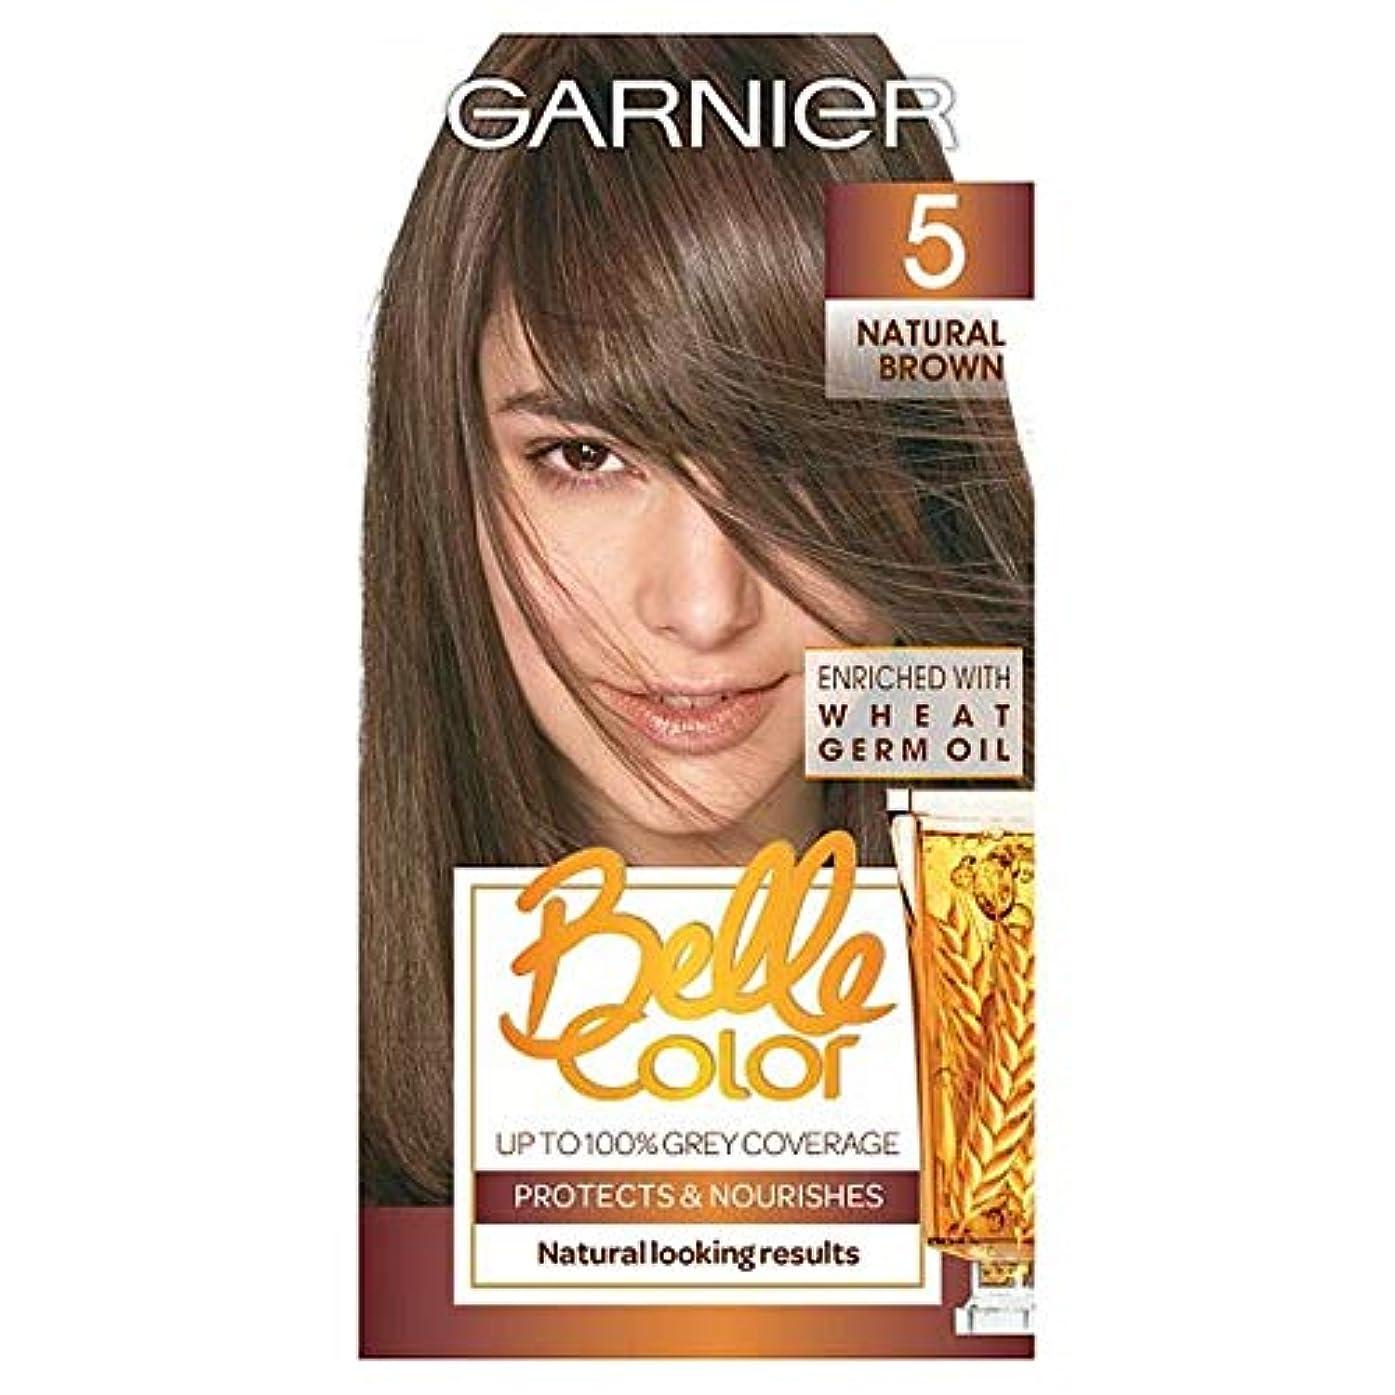 チャンピオンシップ切り離す夜[Belle Color ] ガーン/ベル/Clr 5ナチュラルブラウンの永久染毛剤 - Garn/Bel/Clr 5 Natural Brown Permanent Hair Dye [並行輸入品]